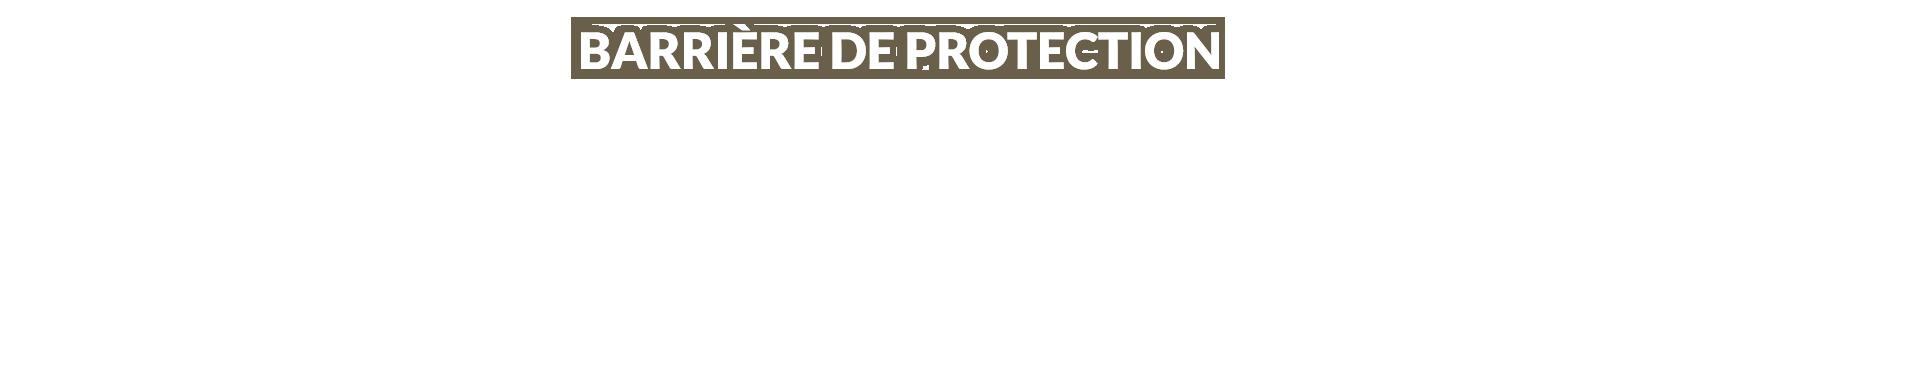 Les barrières de protection